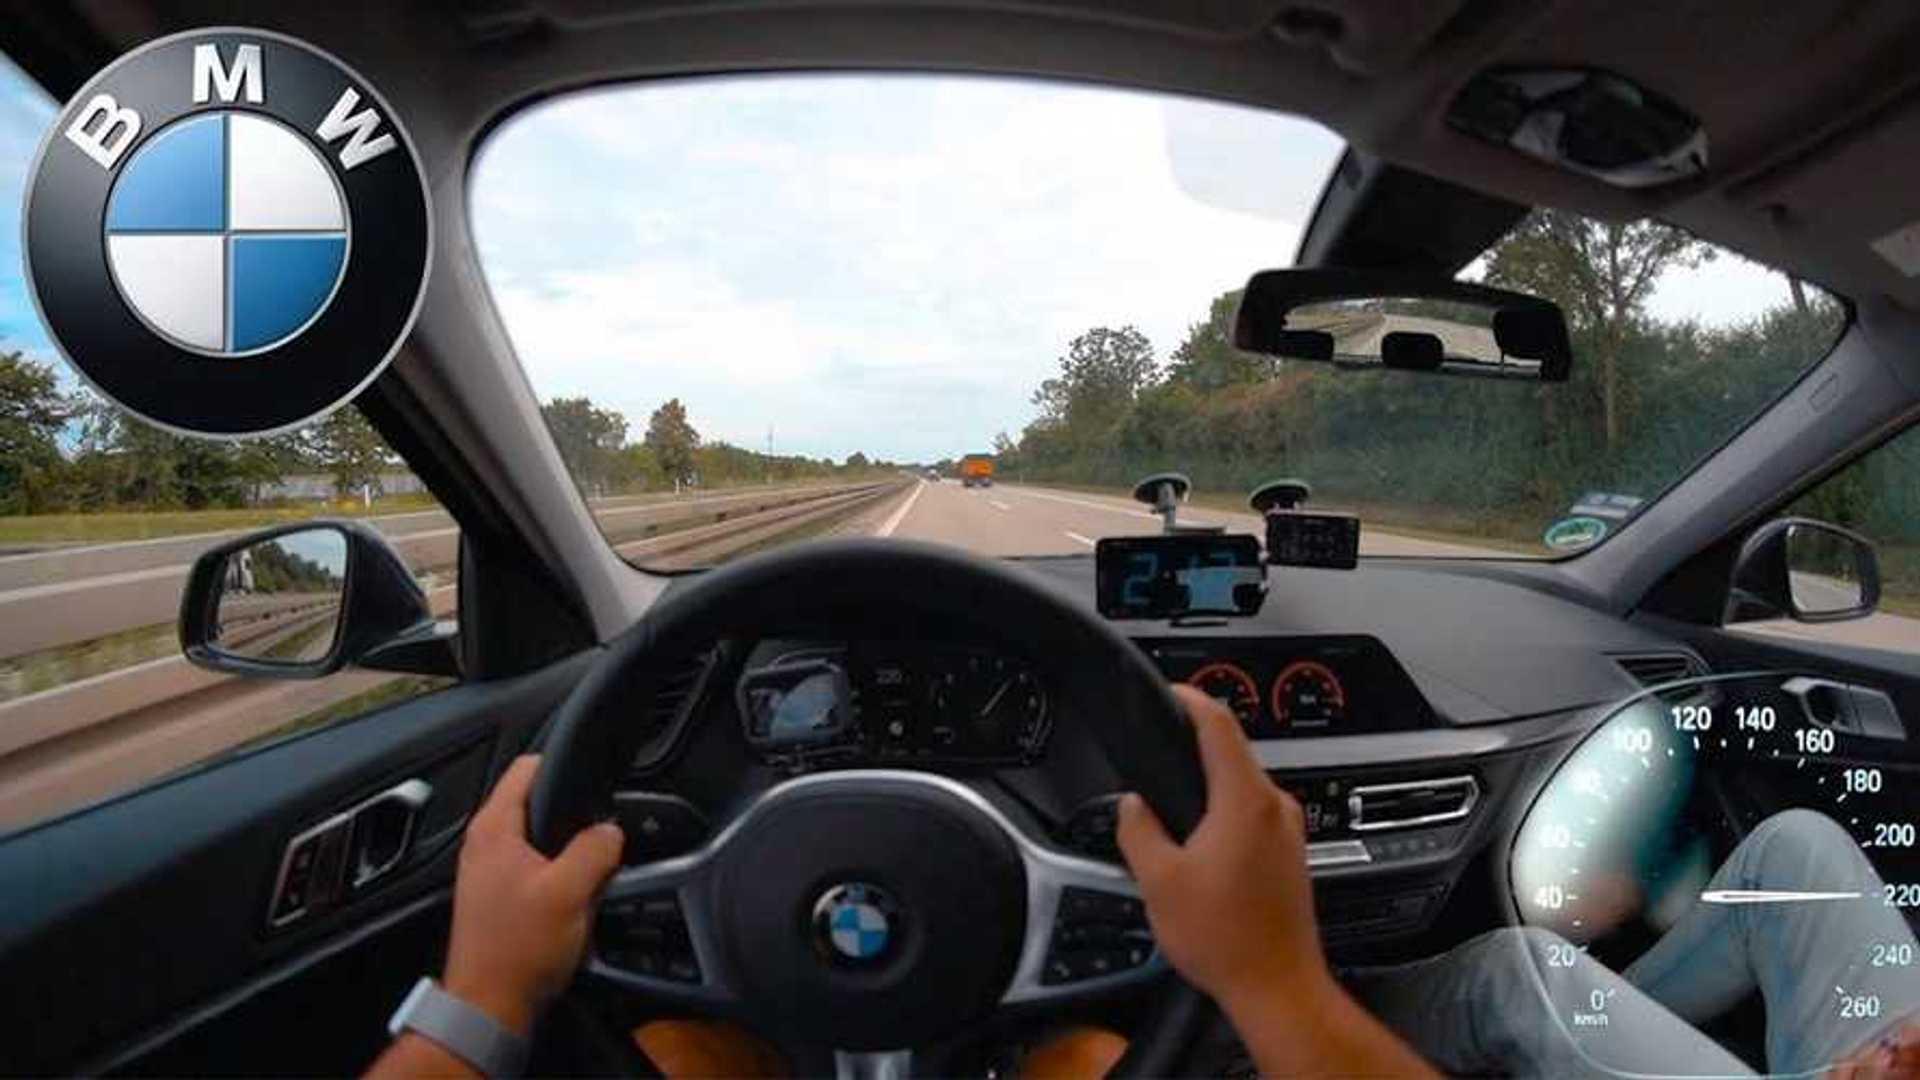 Трехцилиндровый BMW 1 серии покоряет автобан в гонке на максимальной скорости